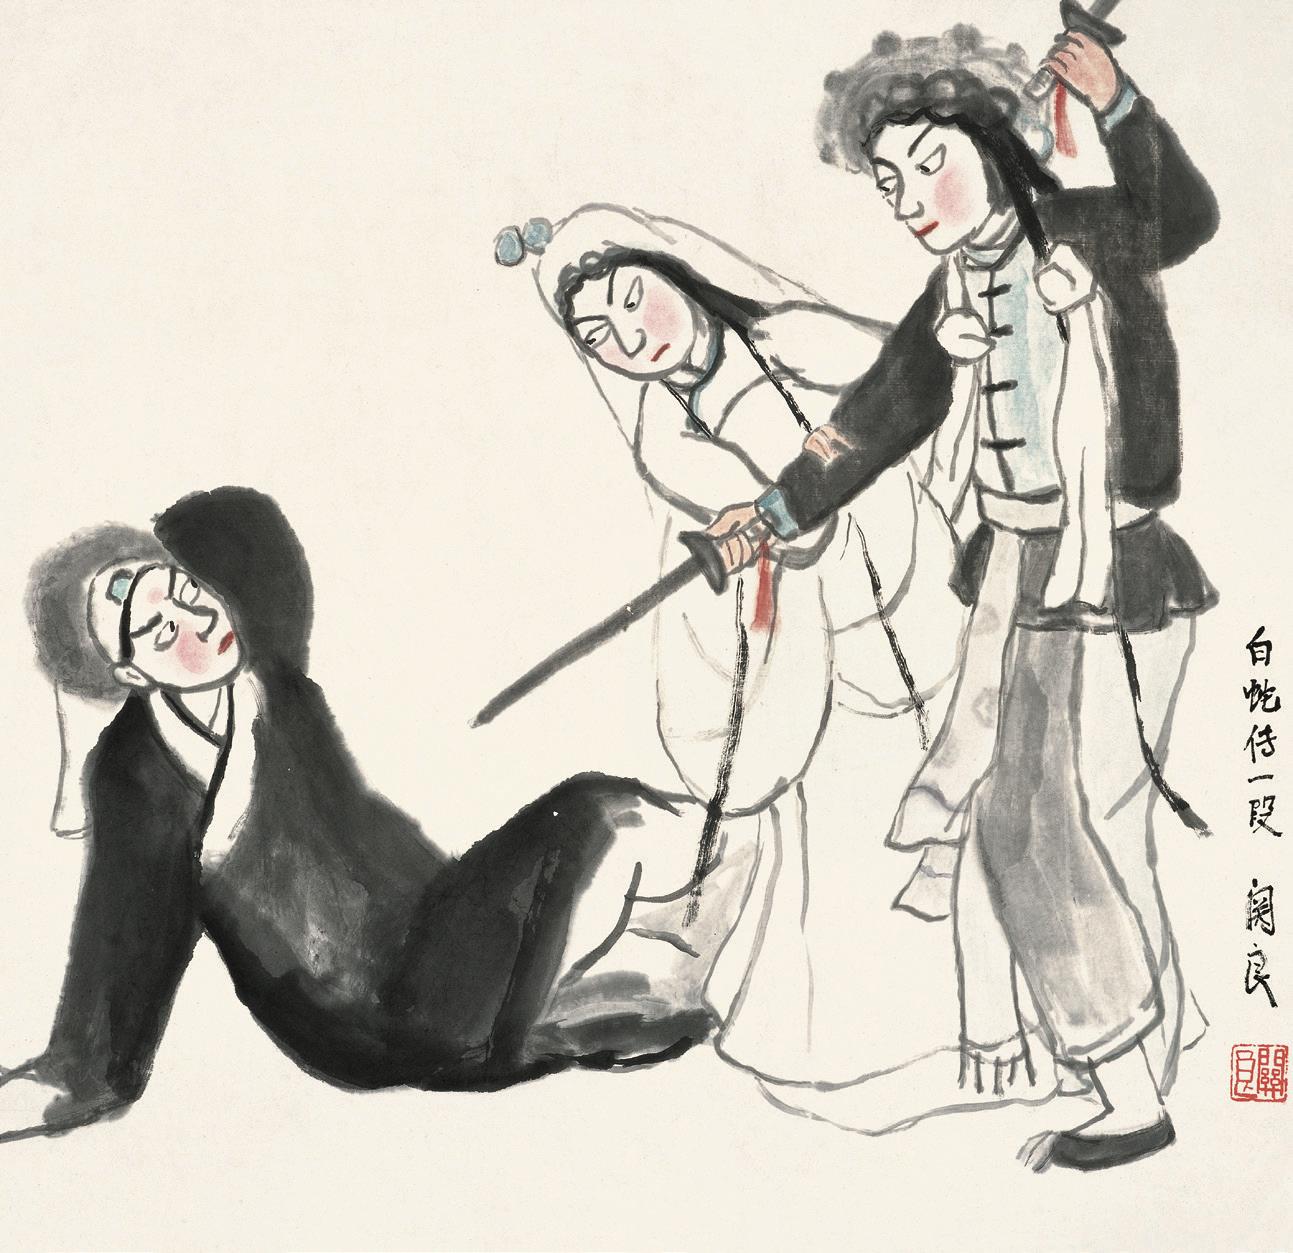 关良《白蛇传》中国画 67.5x70cm 1956年 中国美术馆藏